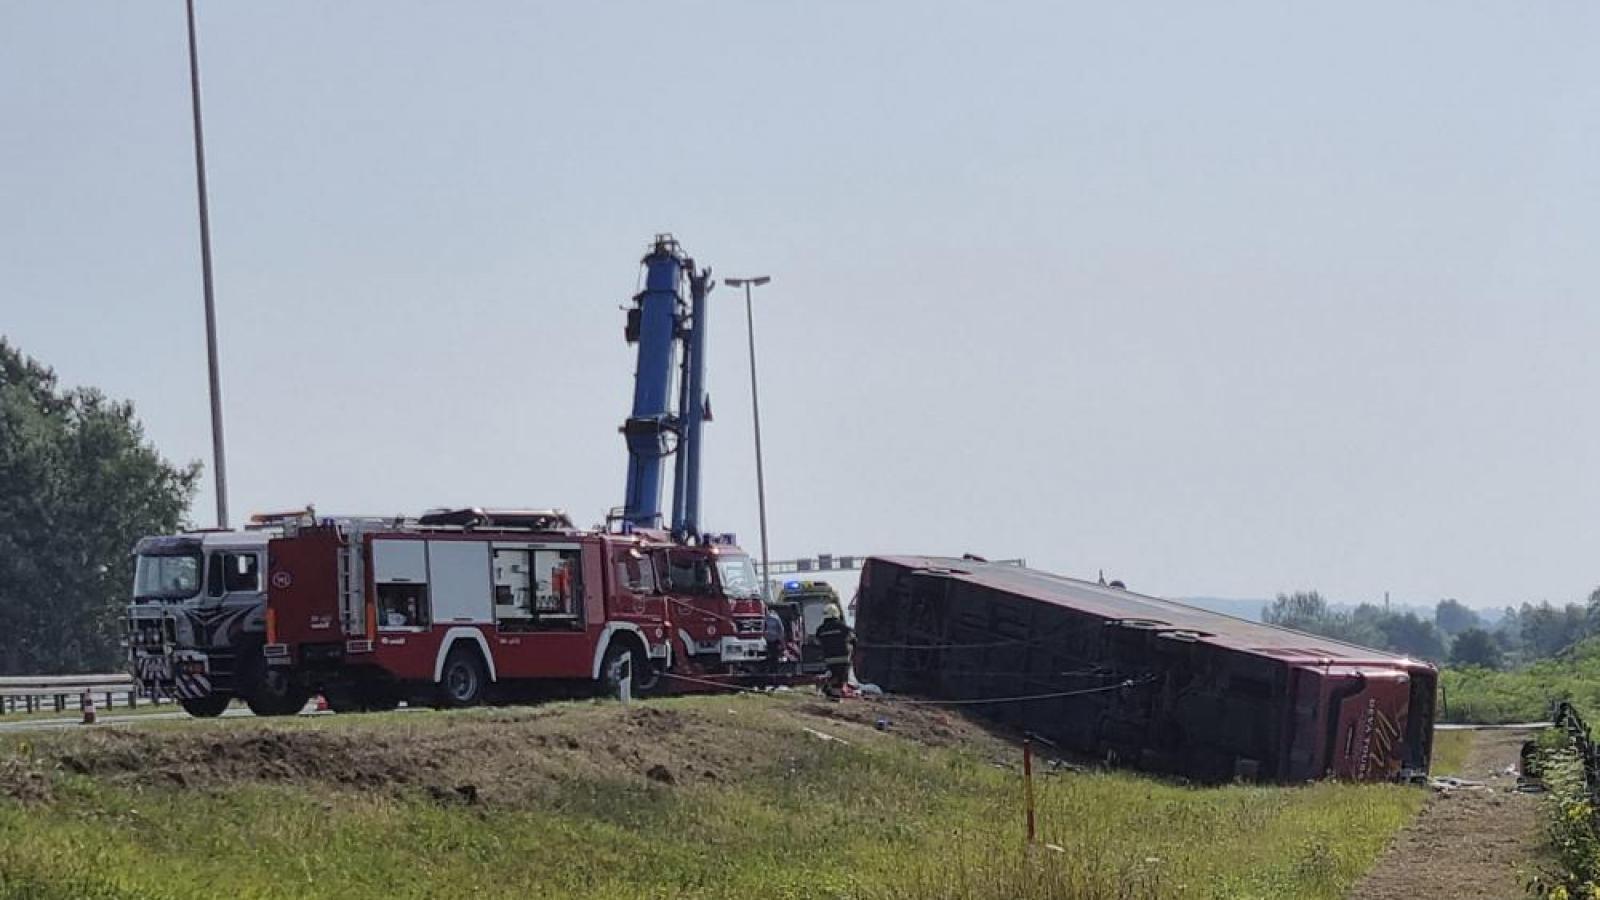 Xe buýt từ Đức đến Kosovo gặp nạn khiến 10 người thiệt mạng, 45 người bị thương